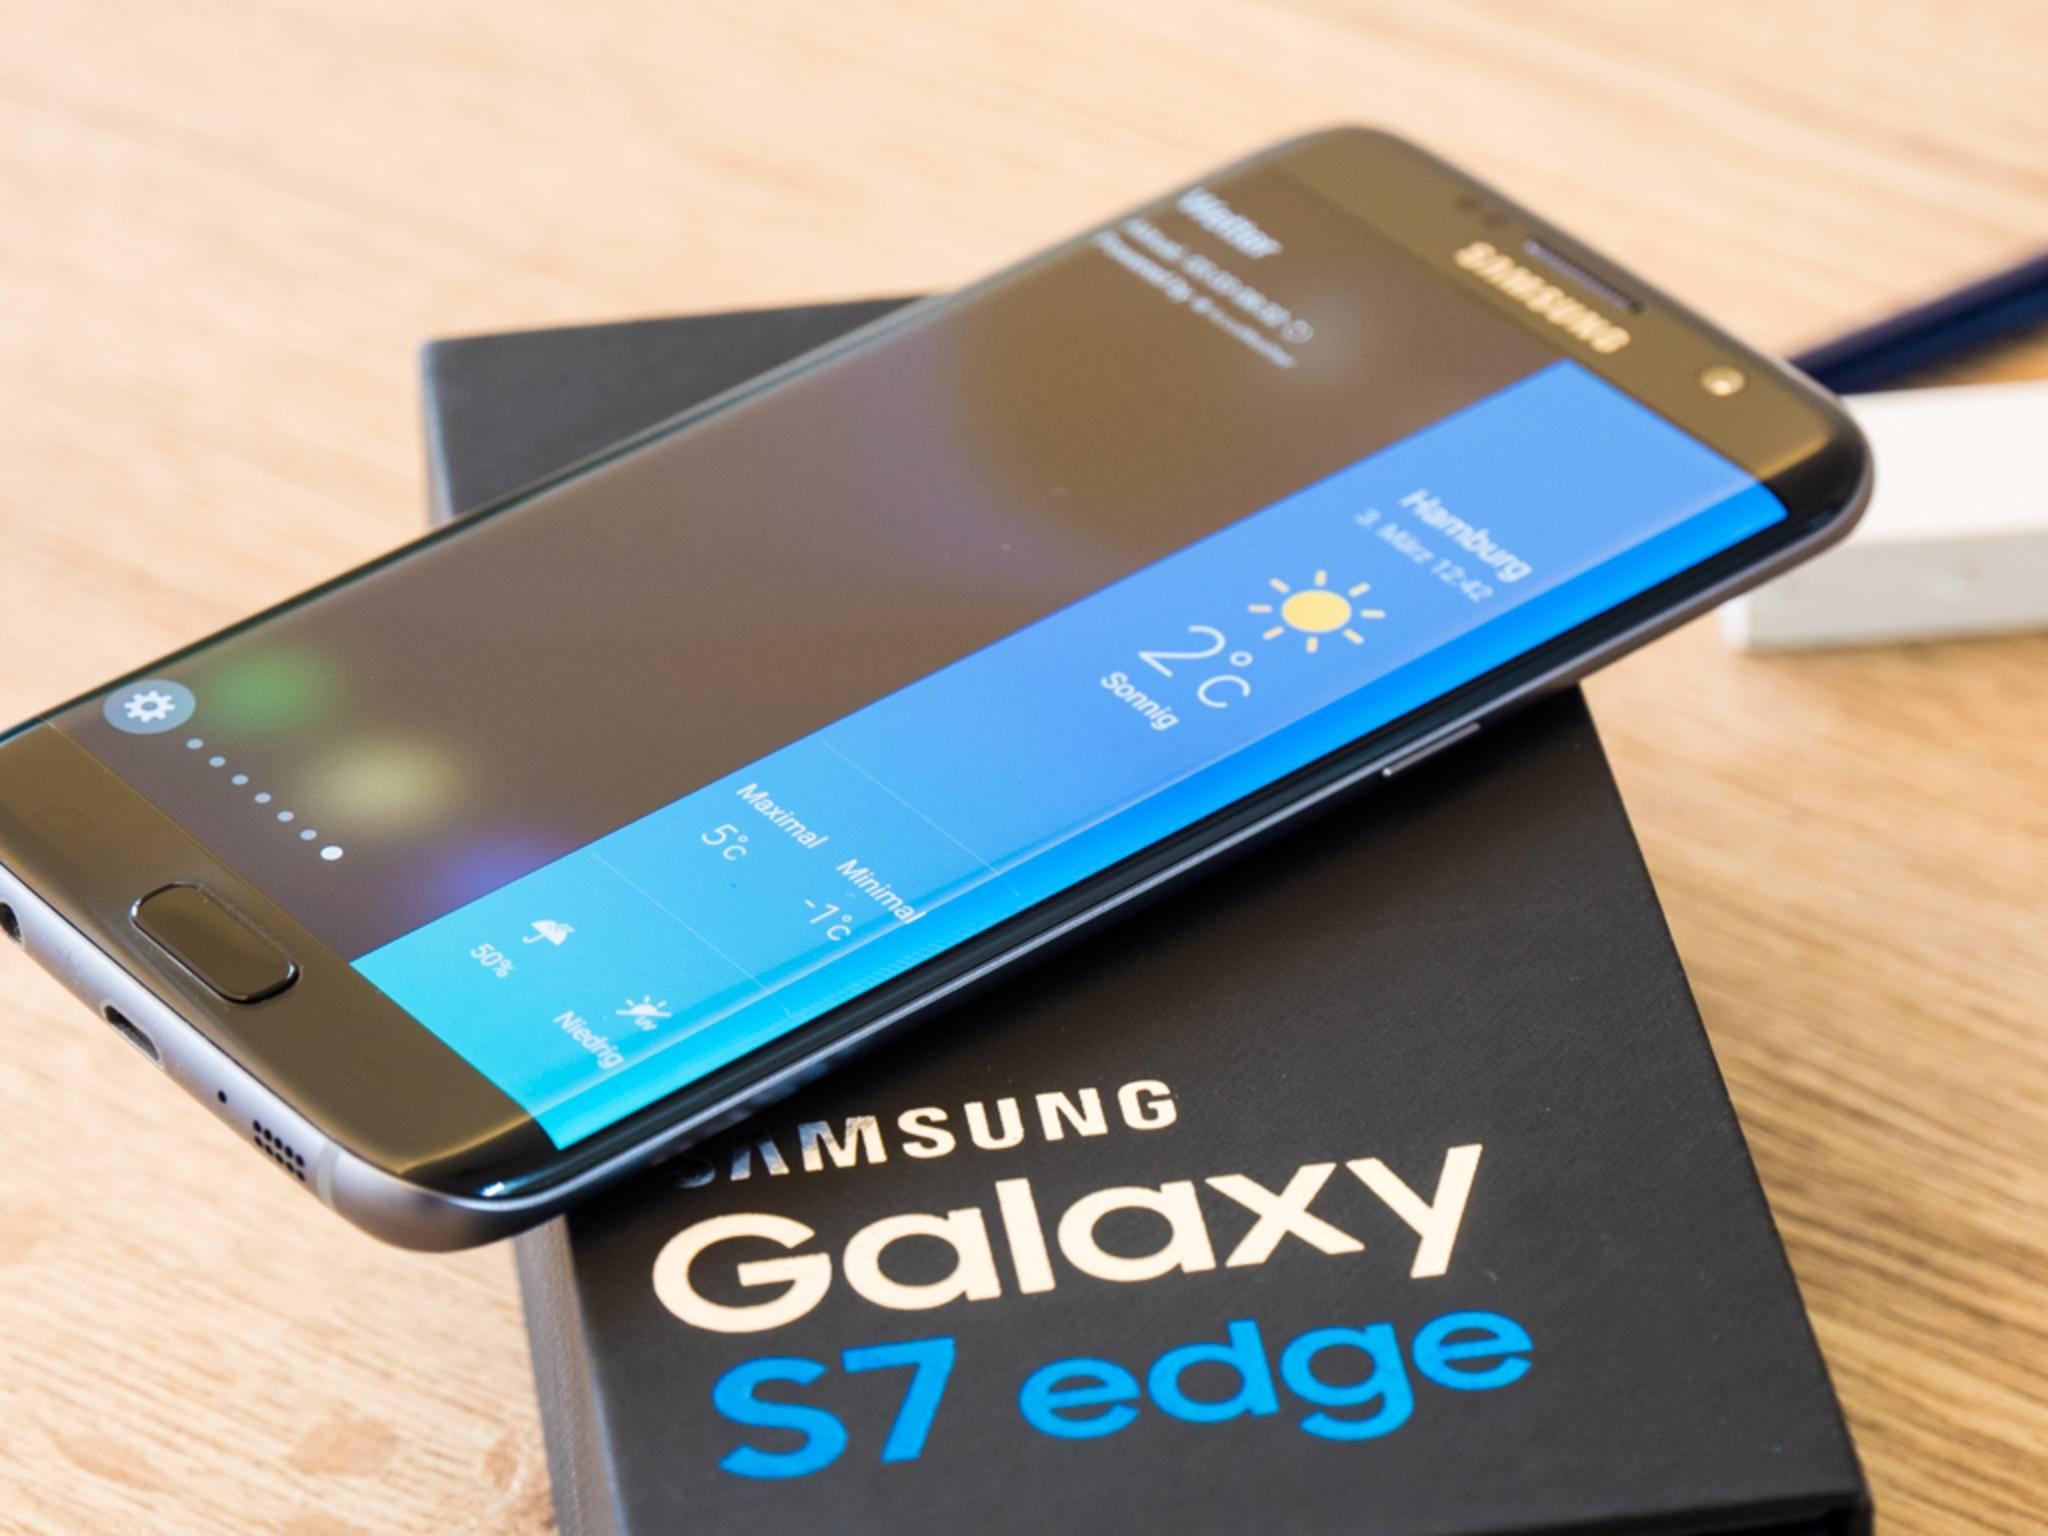 Noch vor dem offiziellen Release-Termin erhält das Galaxy S7 Edge ein wichtiges Update.